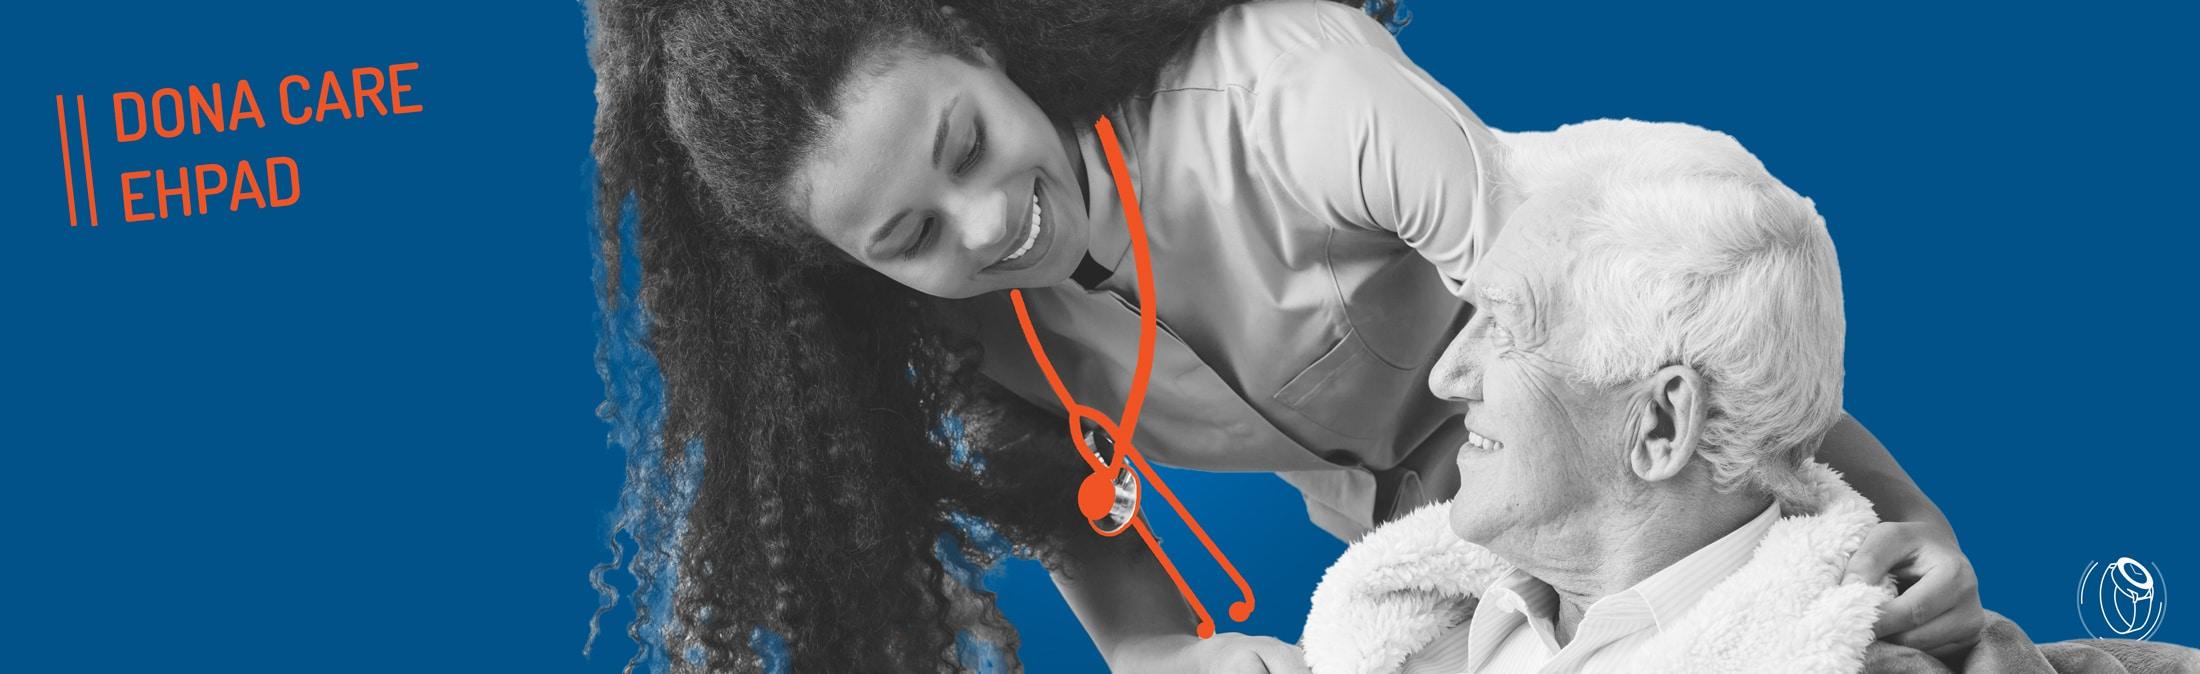 Dona Care détection de chutes pour les EHPAD